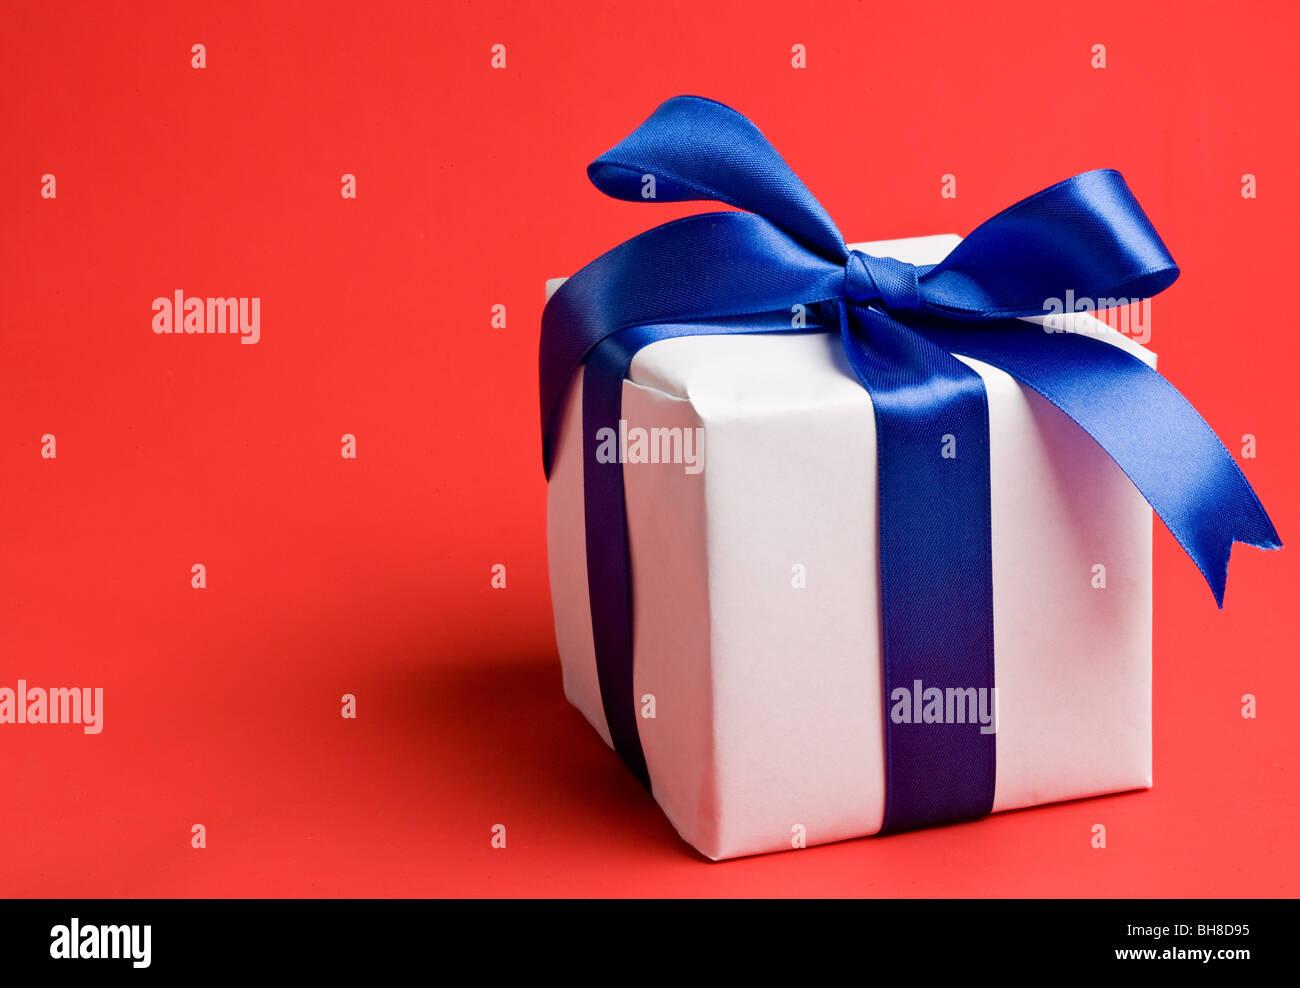 weiße Geschenk mit einem blauen Band auf rotem Grund Stockbild